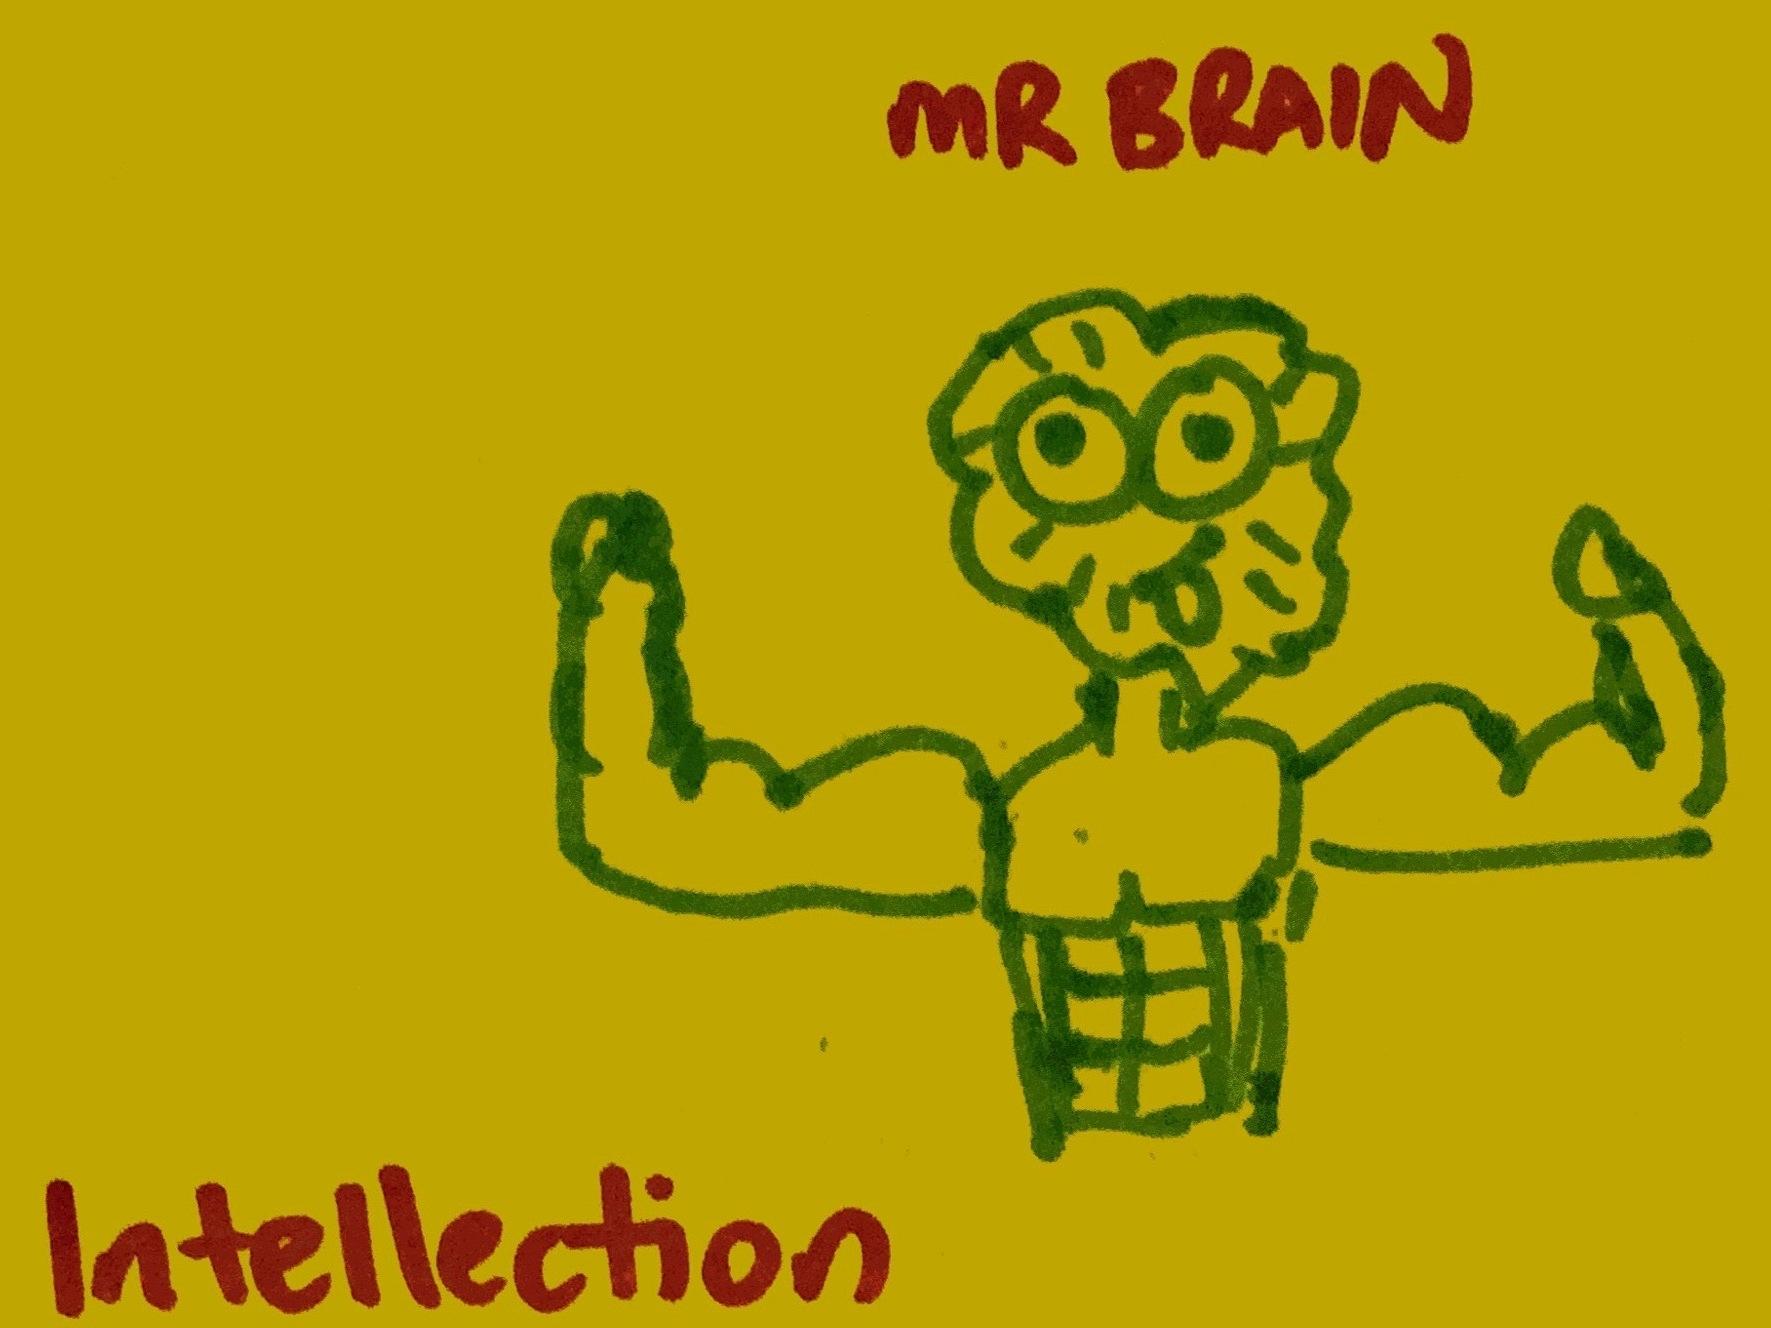 Intellection Strengthsfinder Singapore Mr Brain